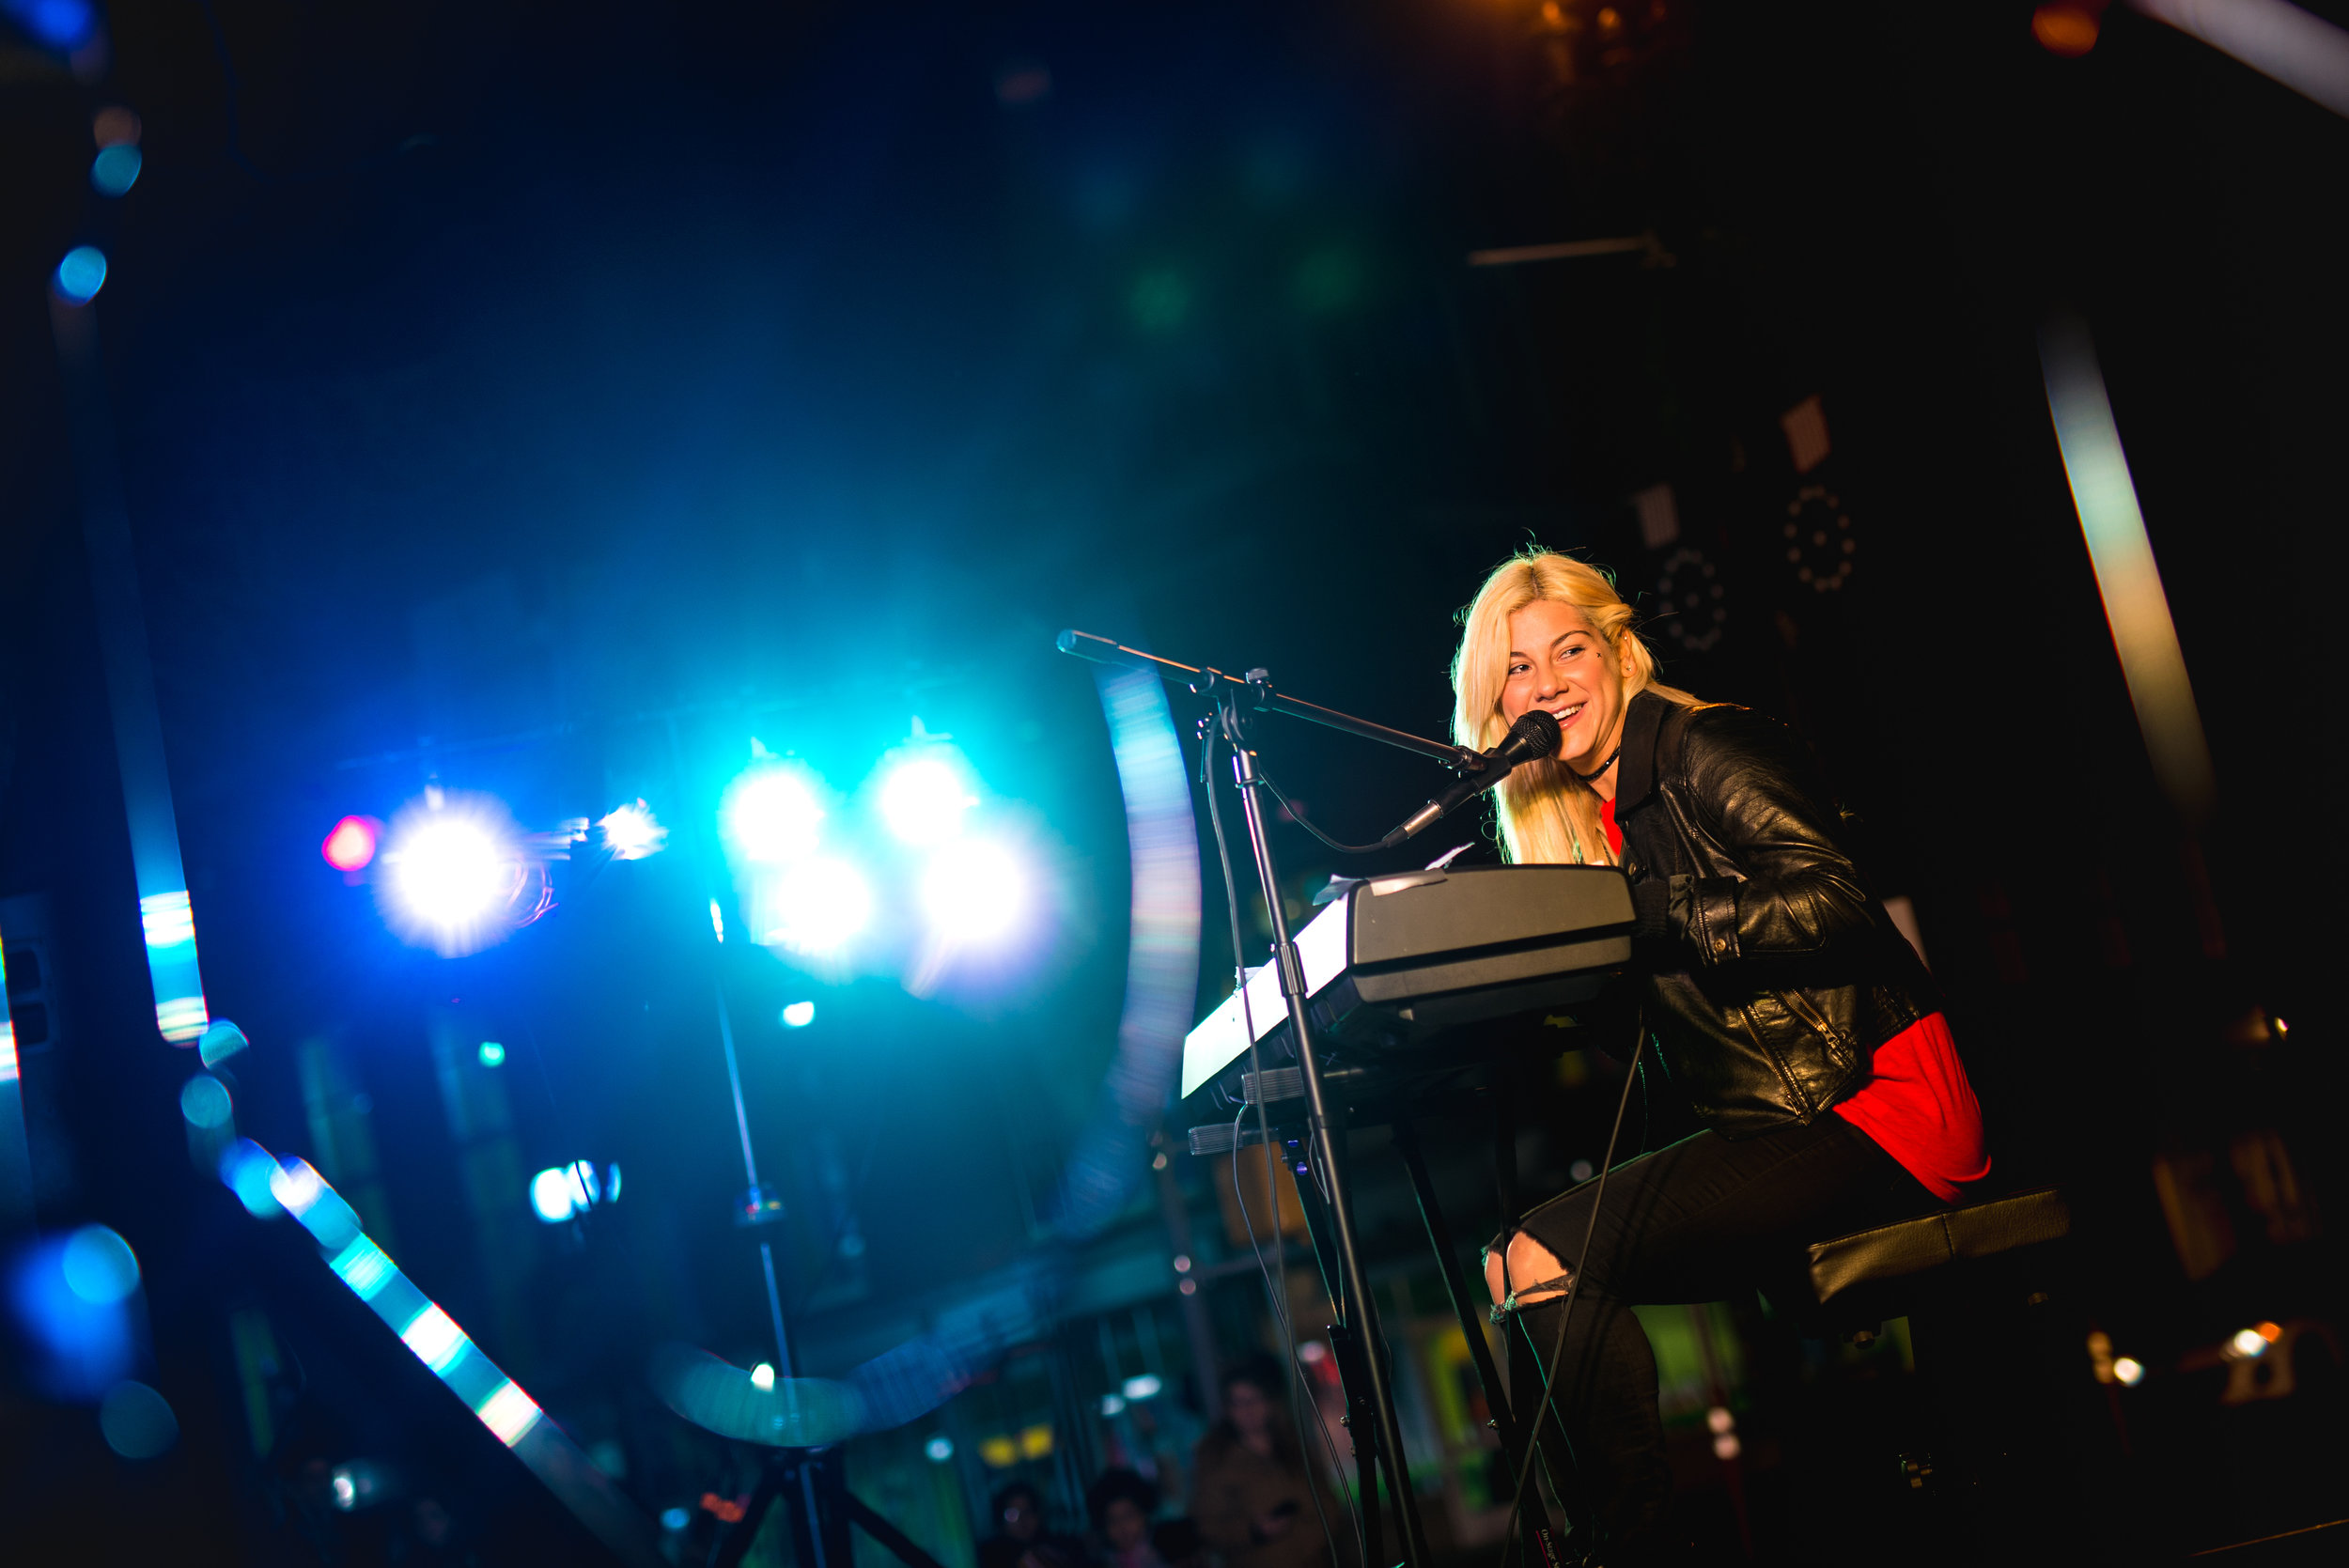 Singer Jax performs Monday, Dec. 12, in Easton's Centre Square. (Adam Atkinson Photo)